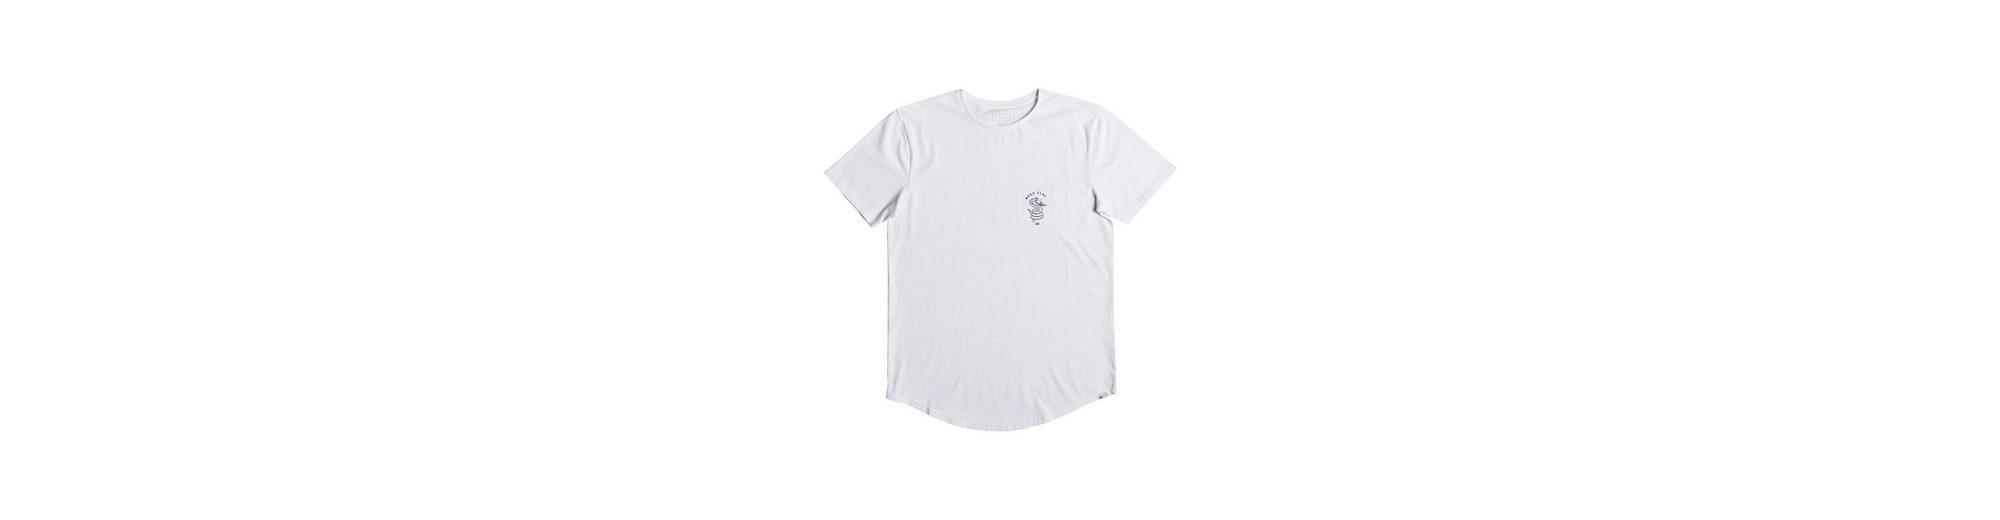 Billig Verkauf Zahlung Mit Visa Outlet-Store Online-Verkauf Quiksilver T-Shirt Scallop Board Fusion Preiswerte Qualität Auslass 2018 Neu r9lubeZz